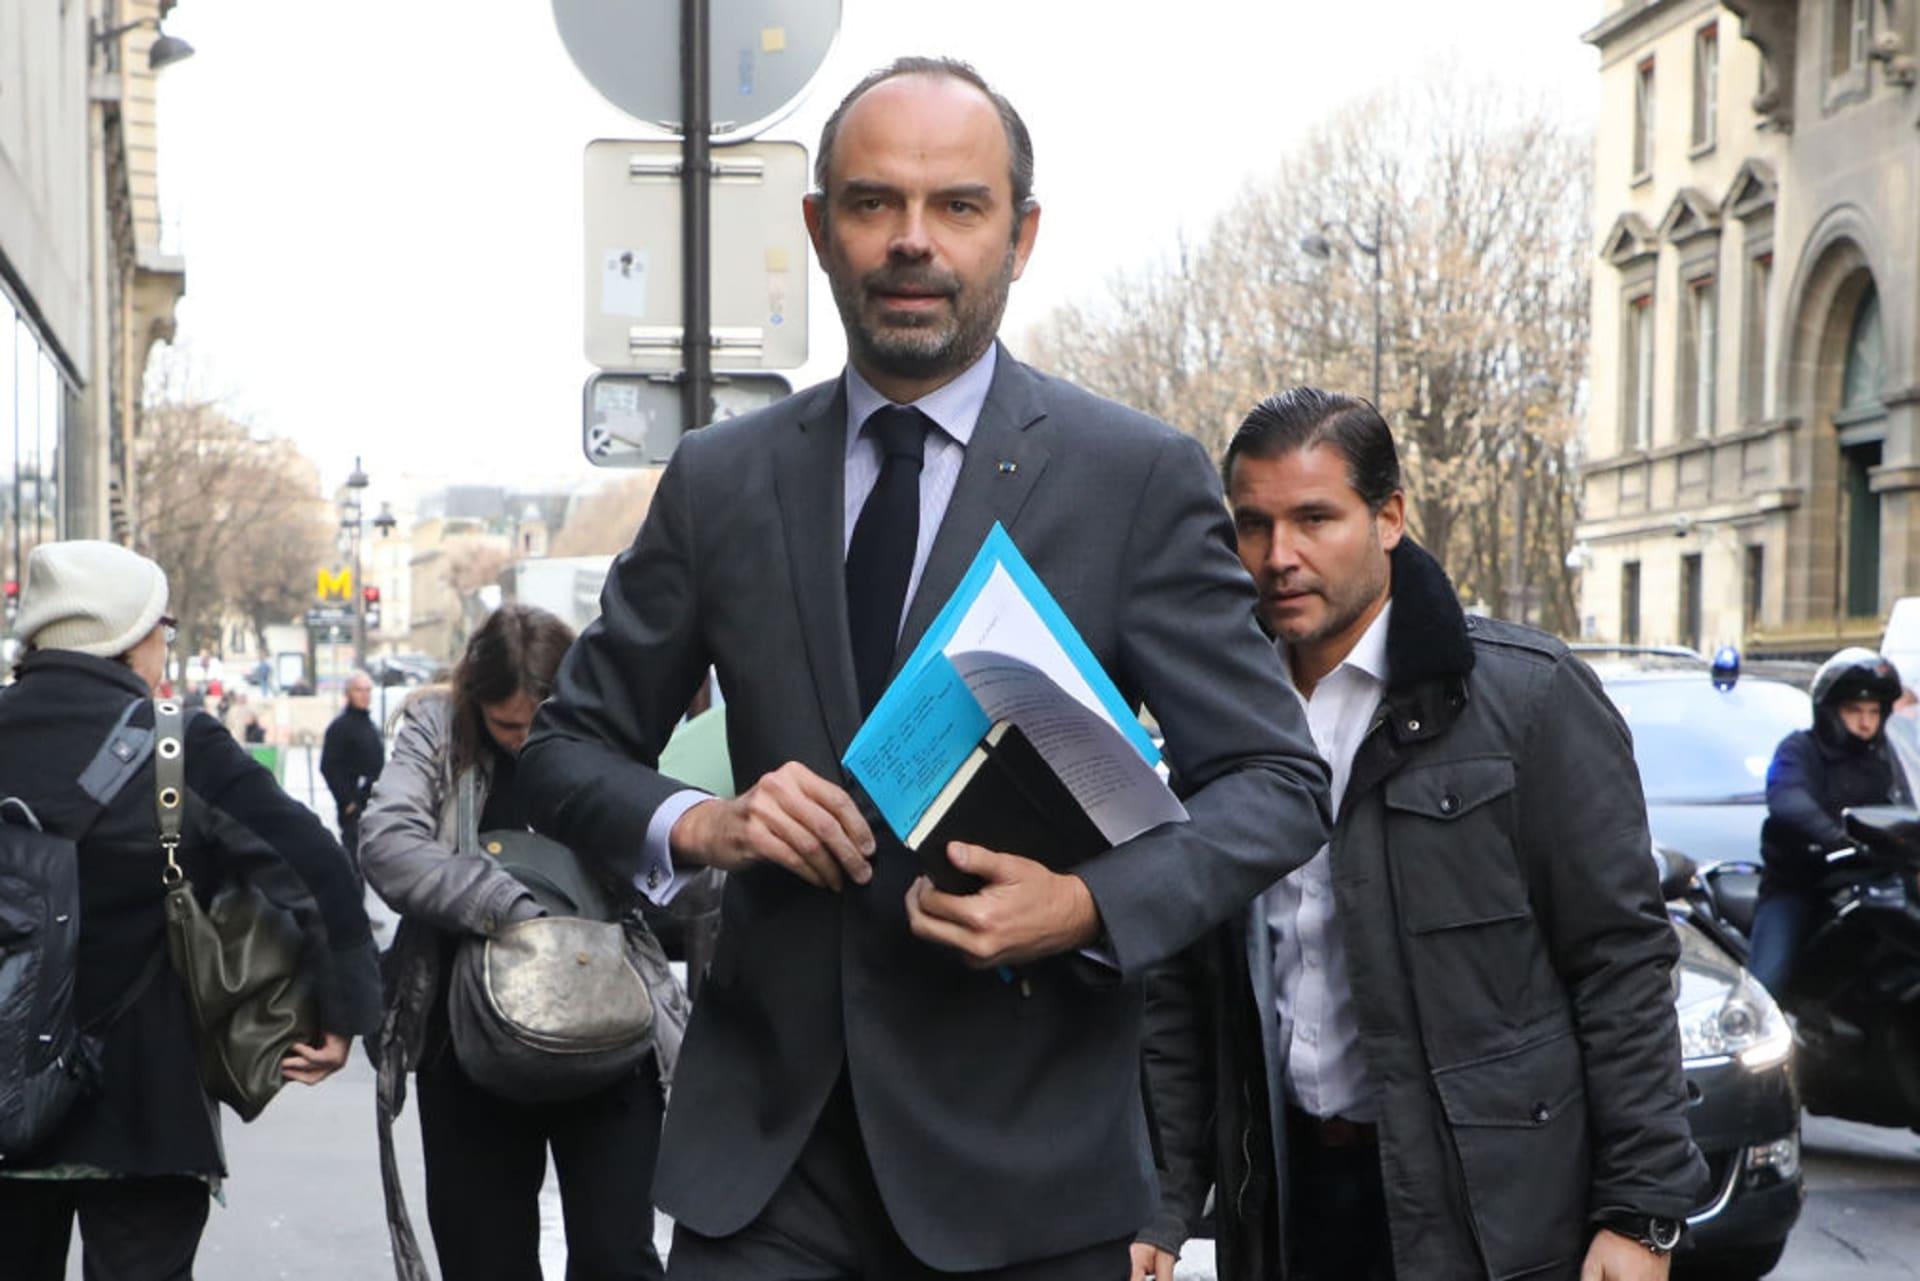 تعليق فرض الضرائب على الوقود بفرنسا.. والحكومة للمحتجين: نسمع غضبكم